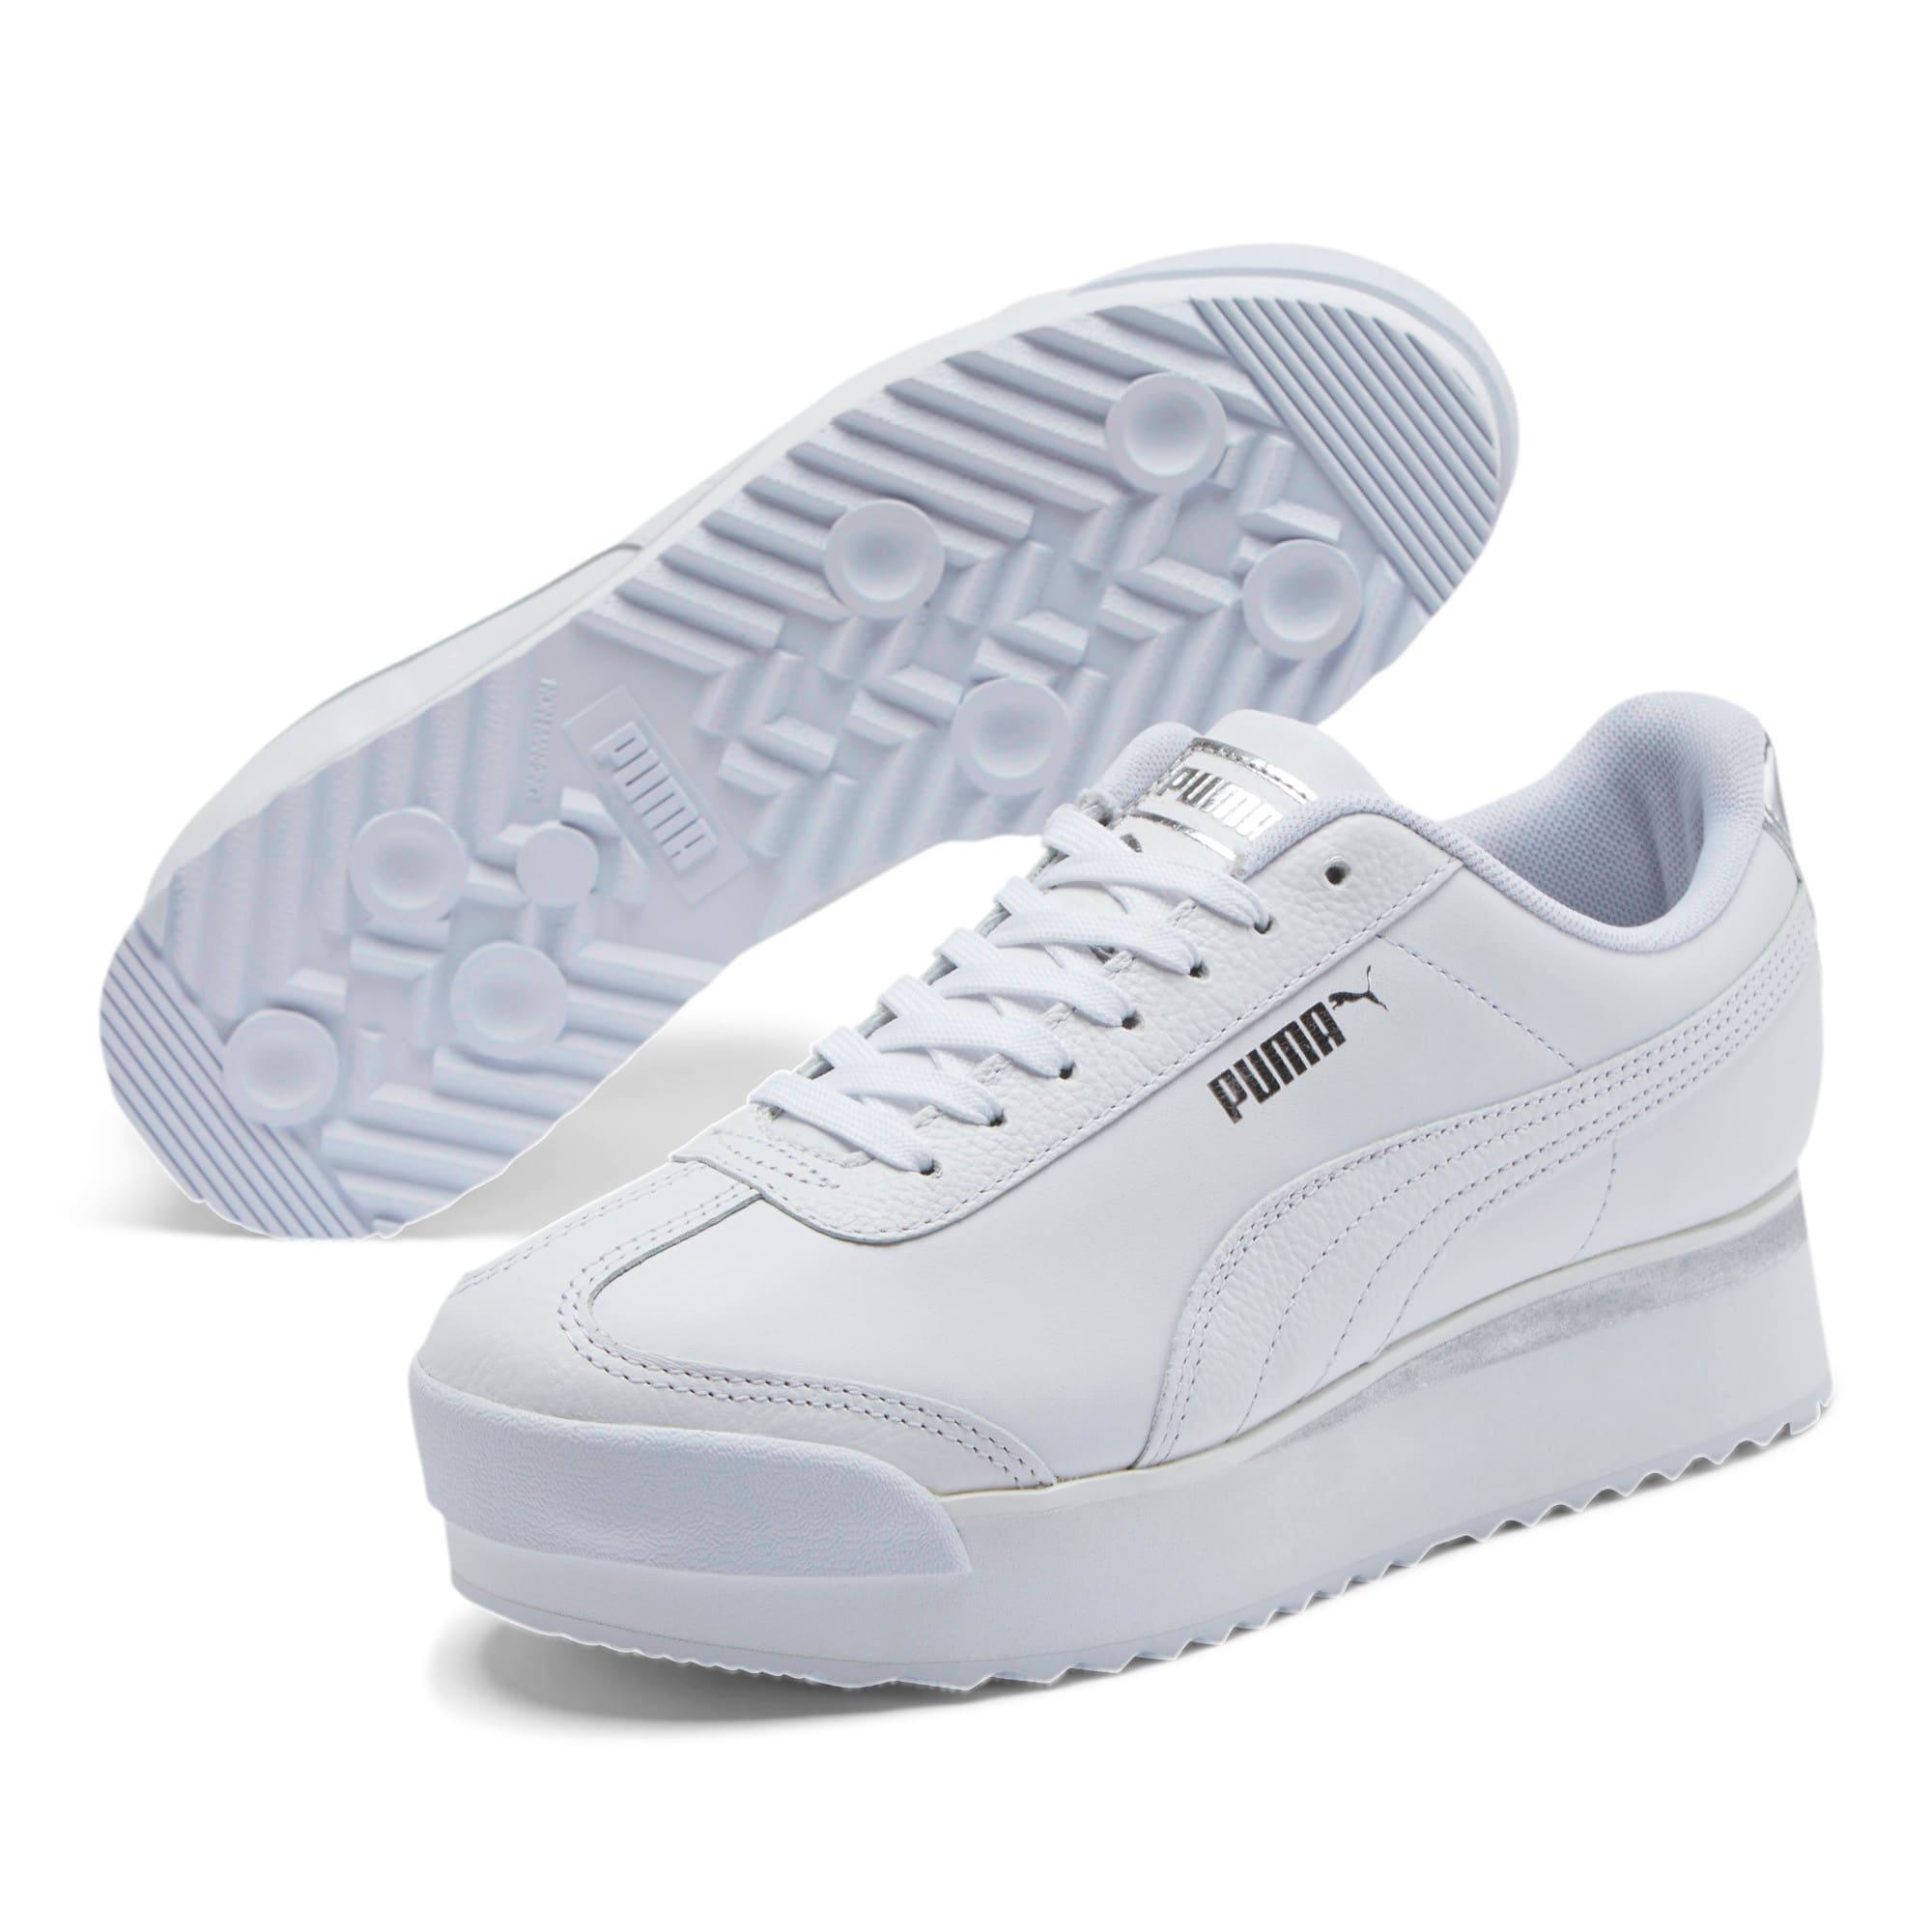 Thumbnail 2 of Roma Amor Leather Metallic Women's Sneakers, White-Whisper White-Silver, medium